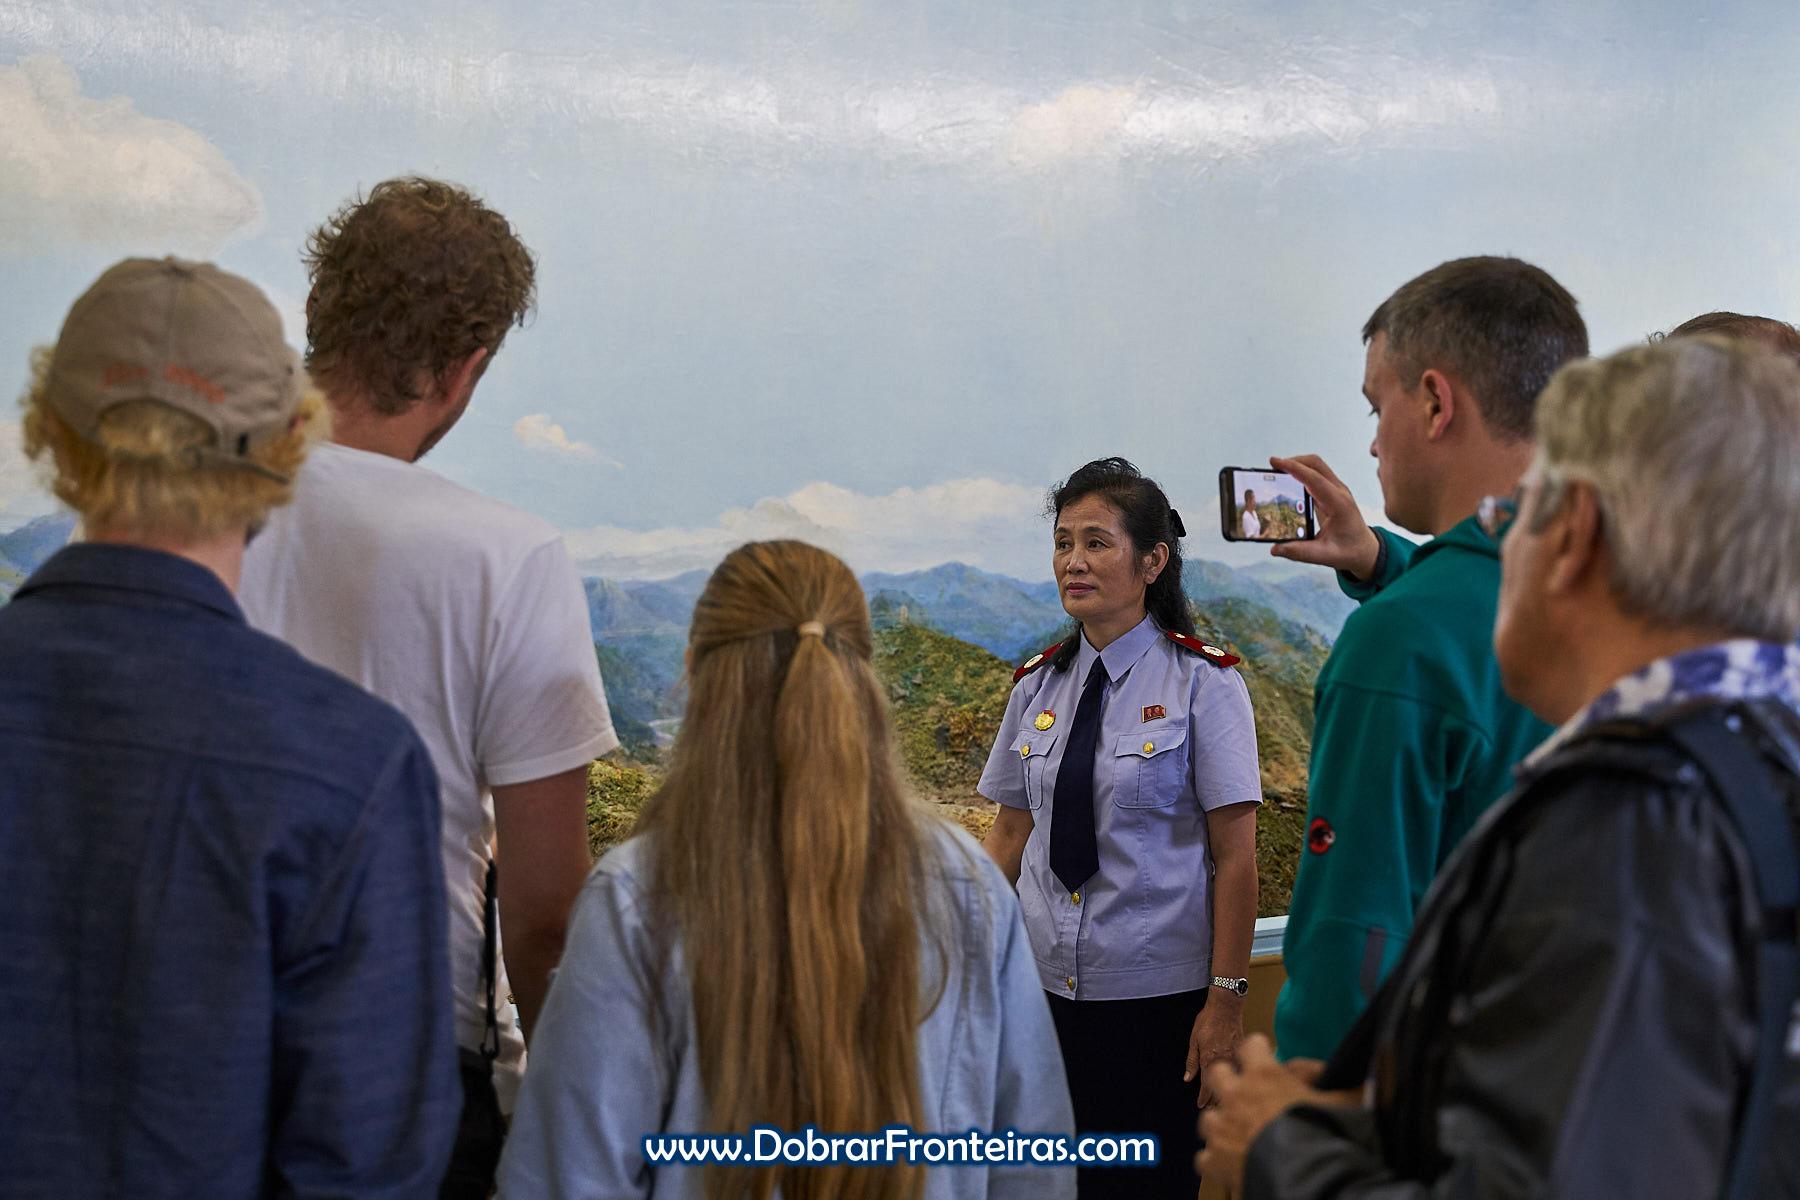 Guia e grupo no museu ferroviário de Pyongyang